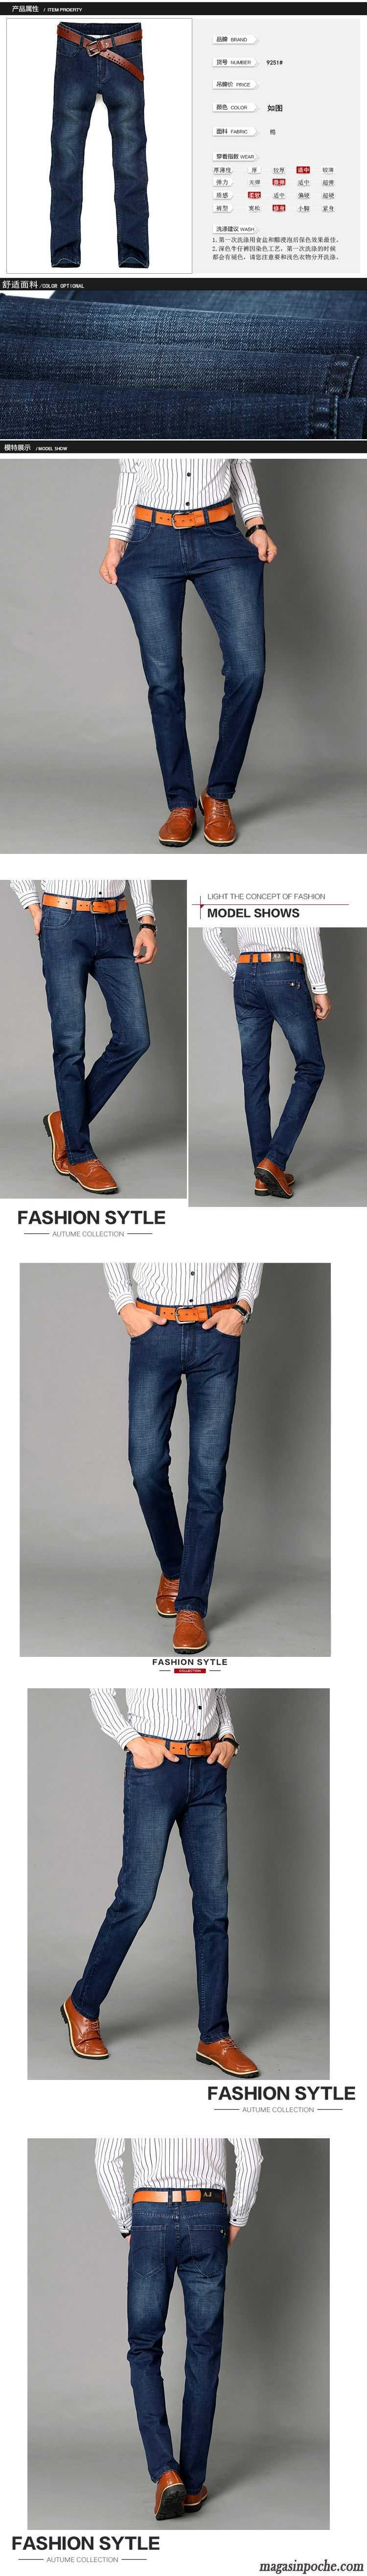 jeans homme taille haute pas cher d contract e de travail. Black Bedroom Furniture Sets. Home Design Ideas